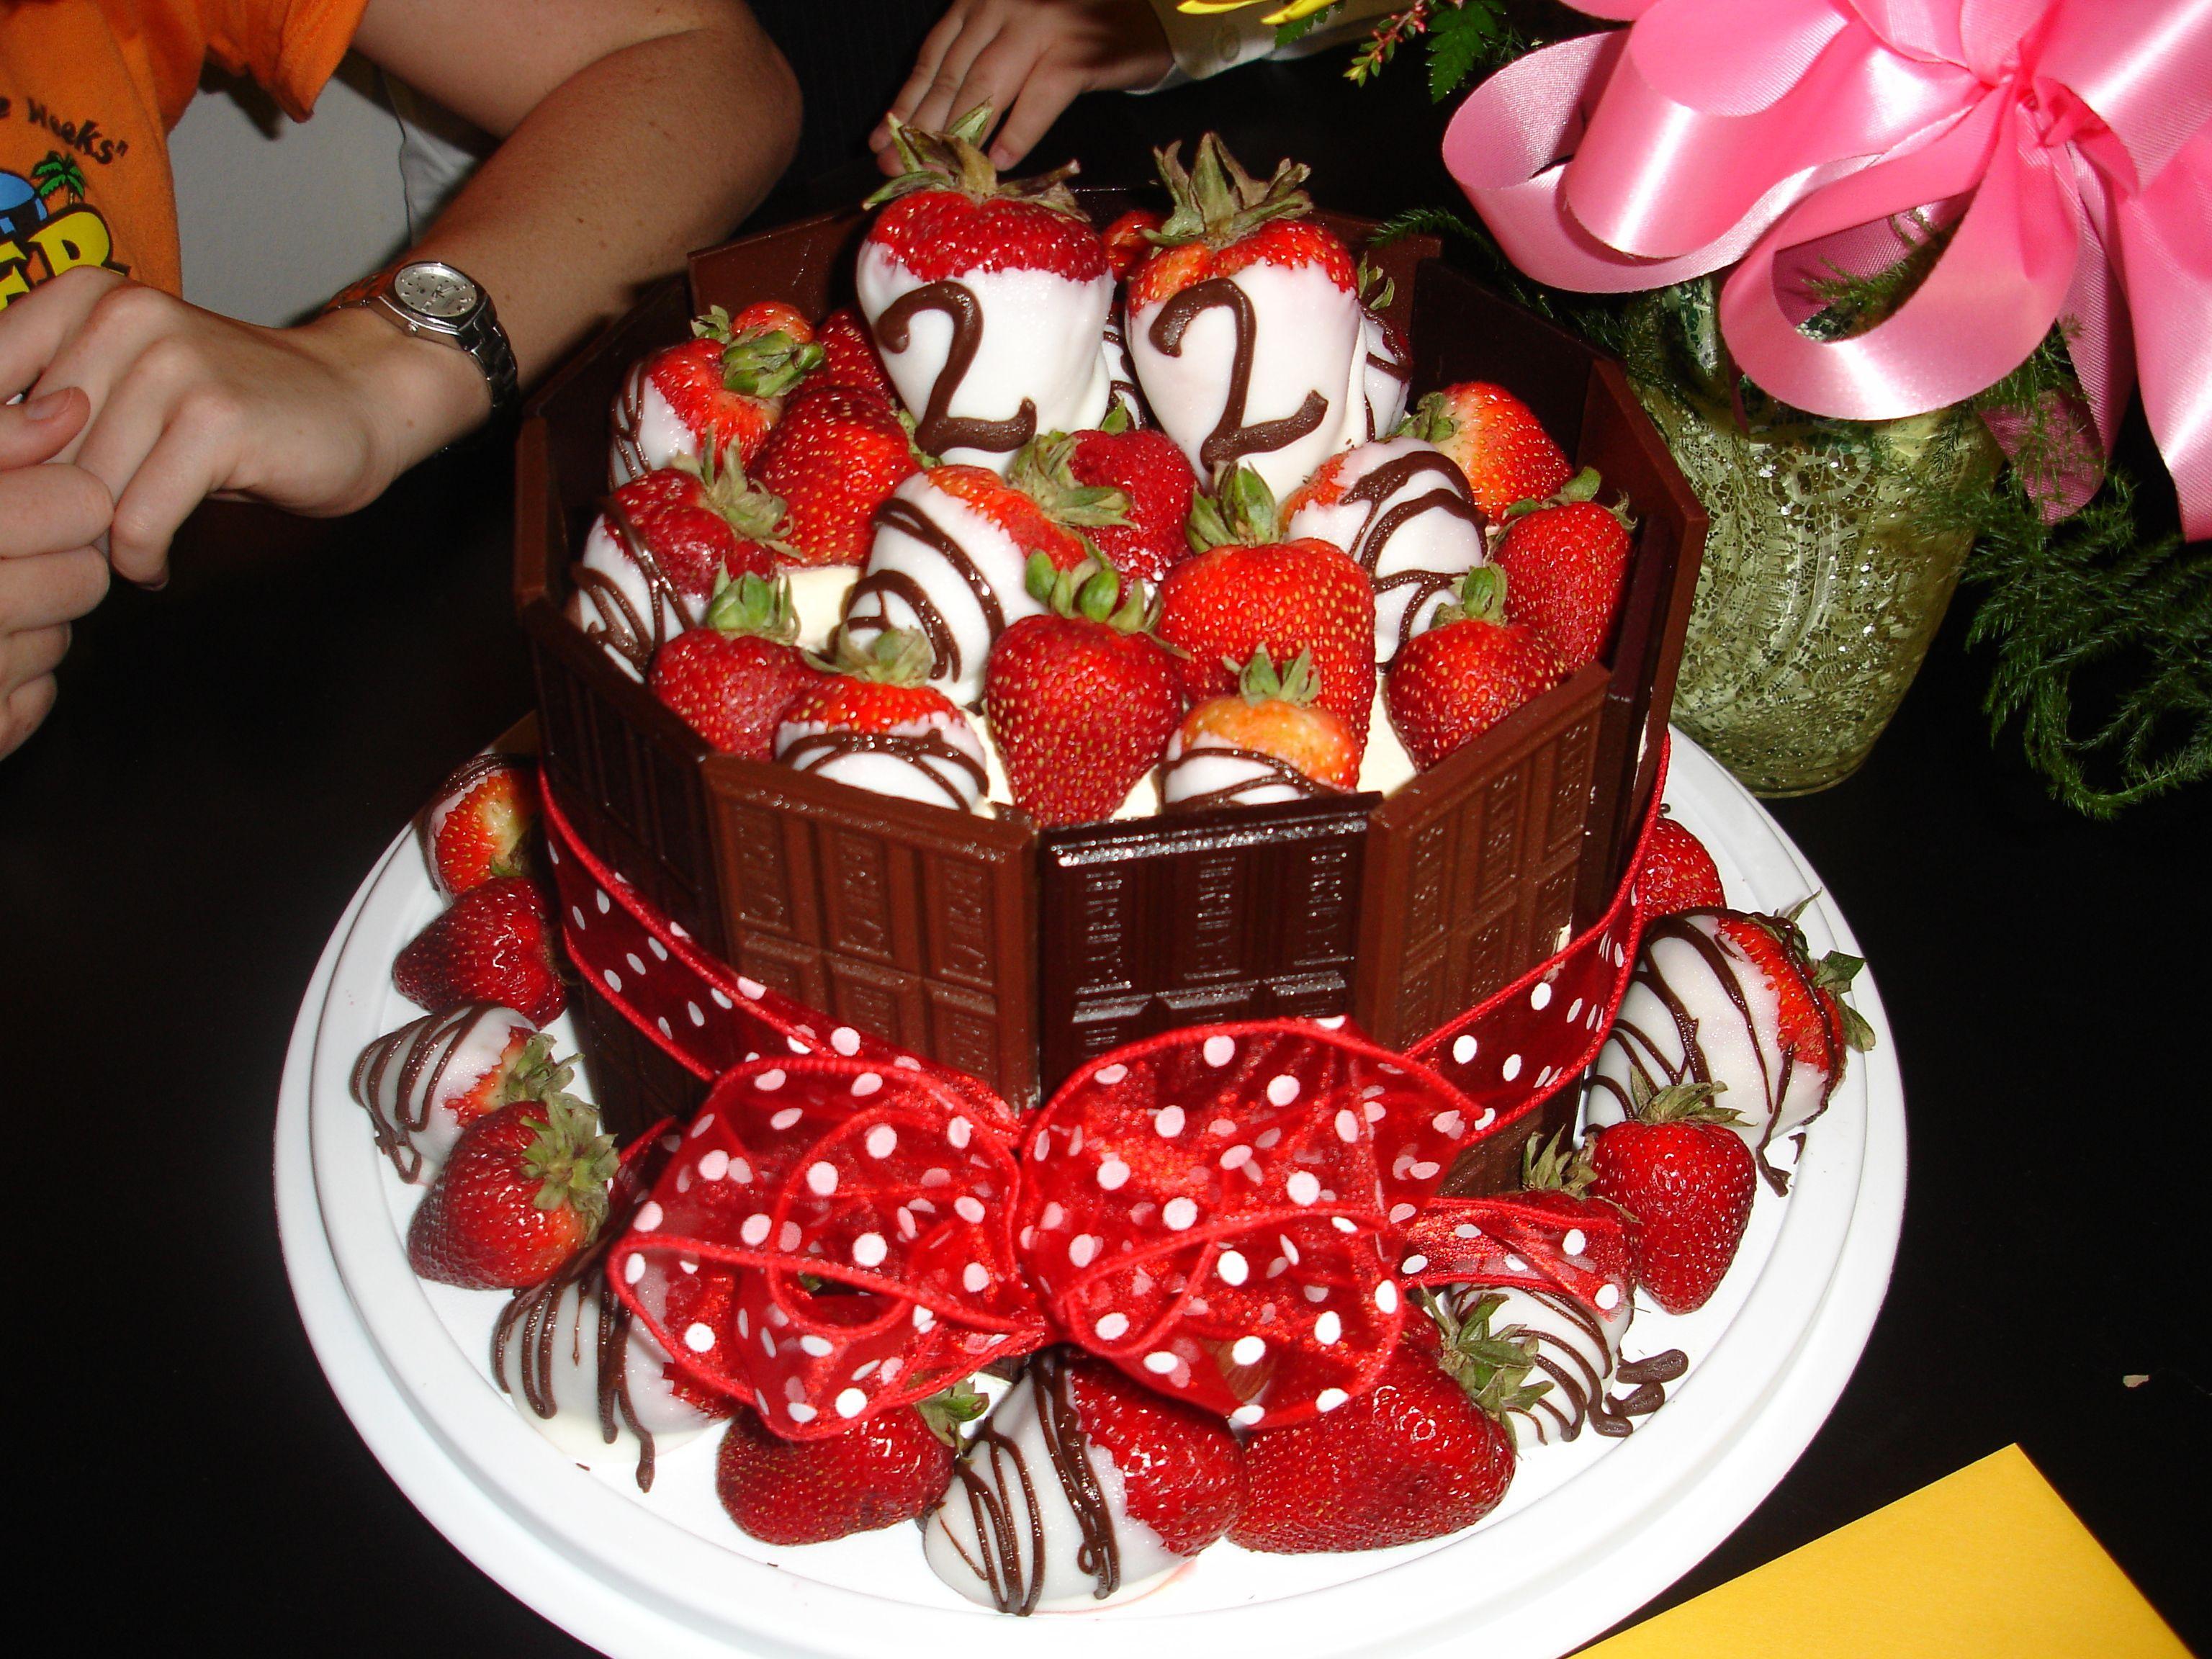 22nd birthday chocolate covered strawberry hershey cake